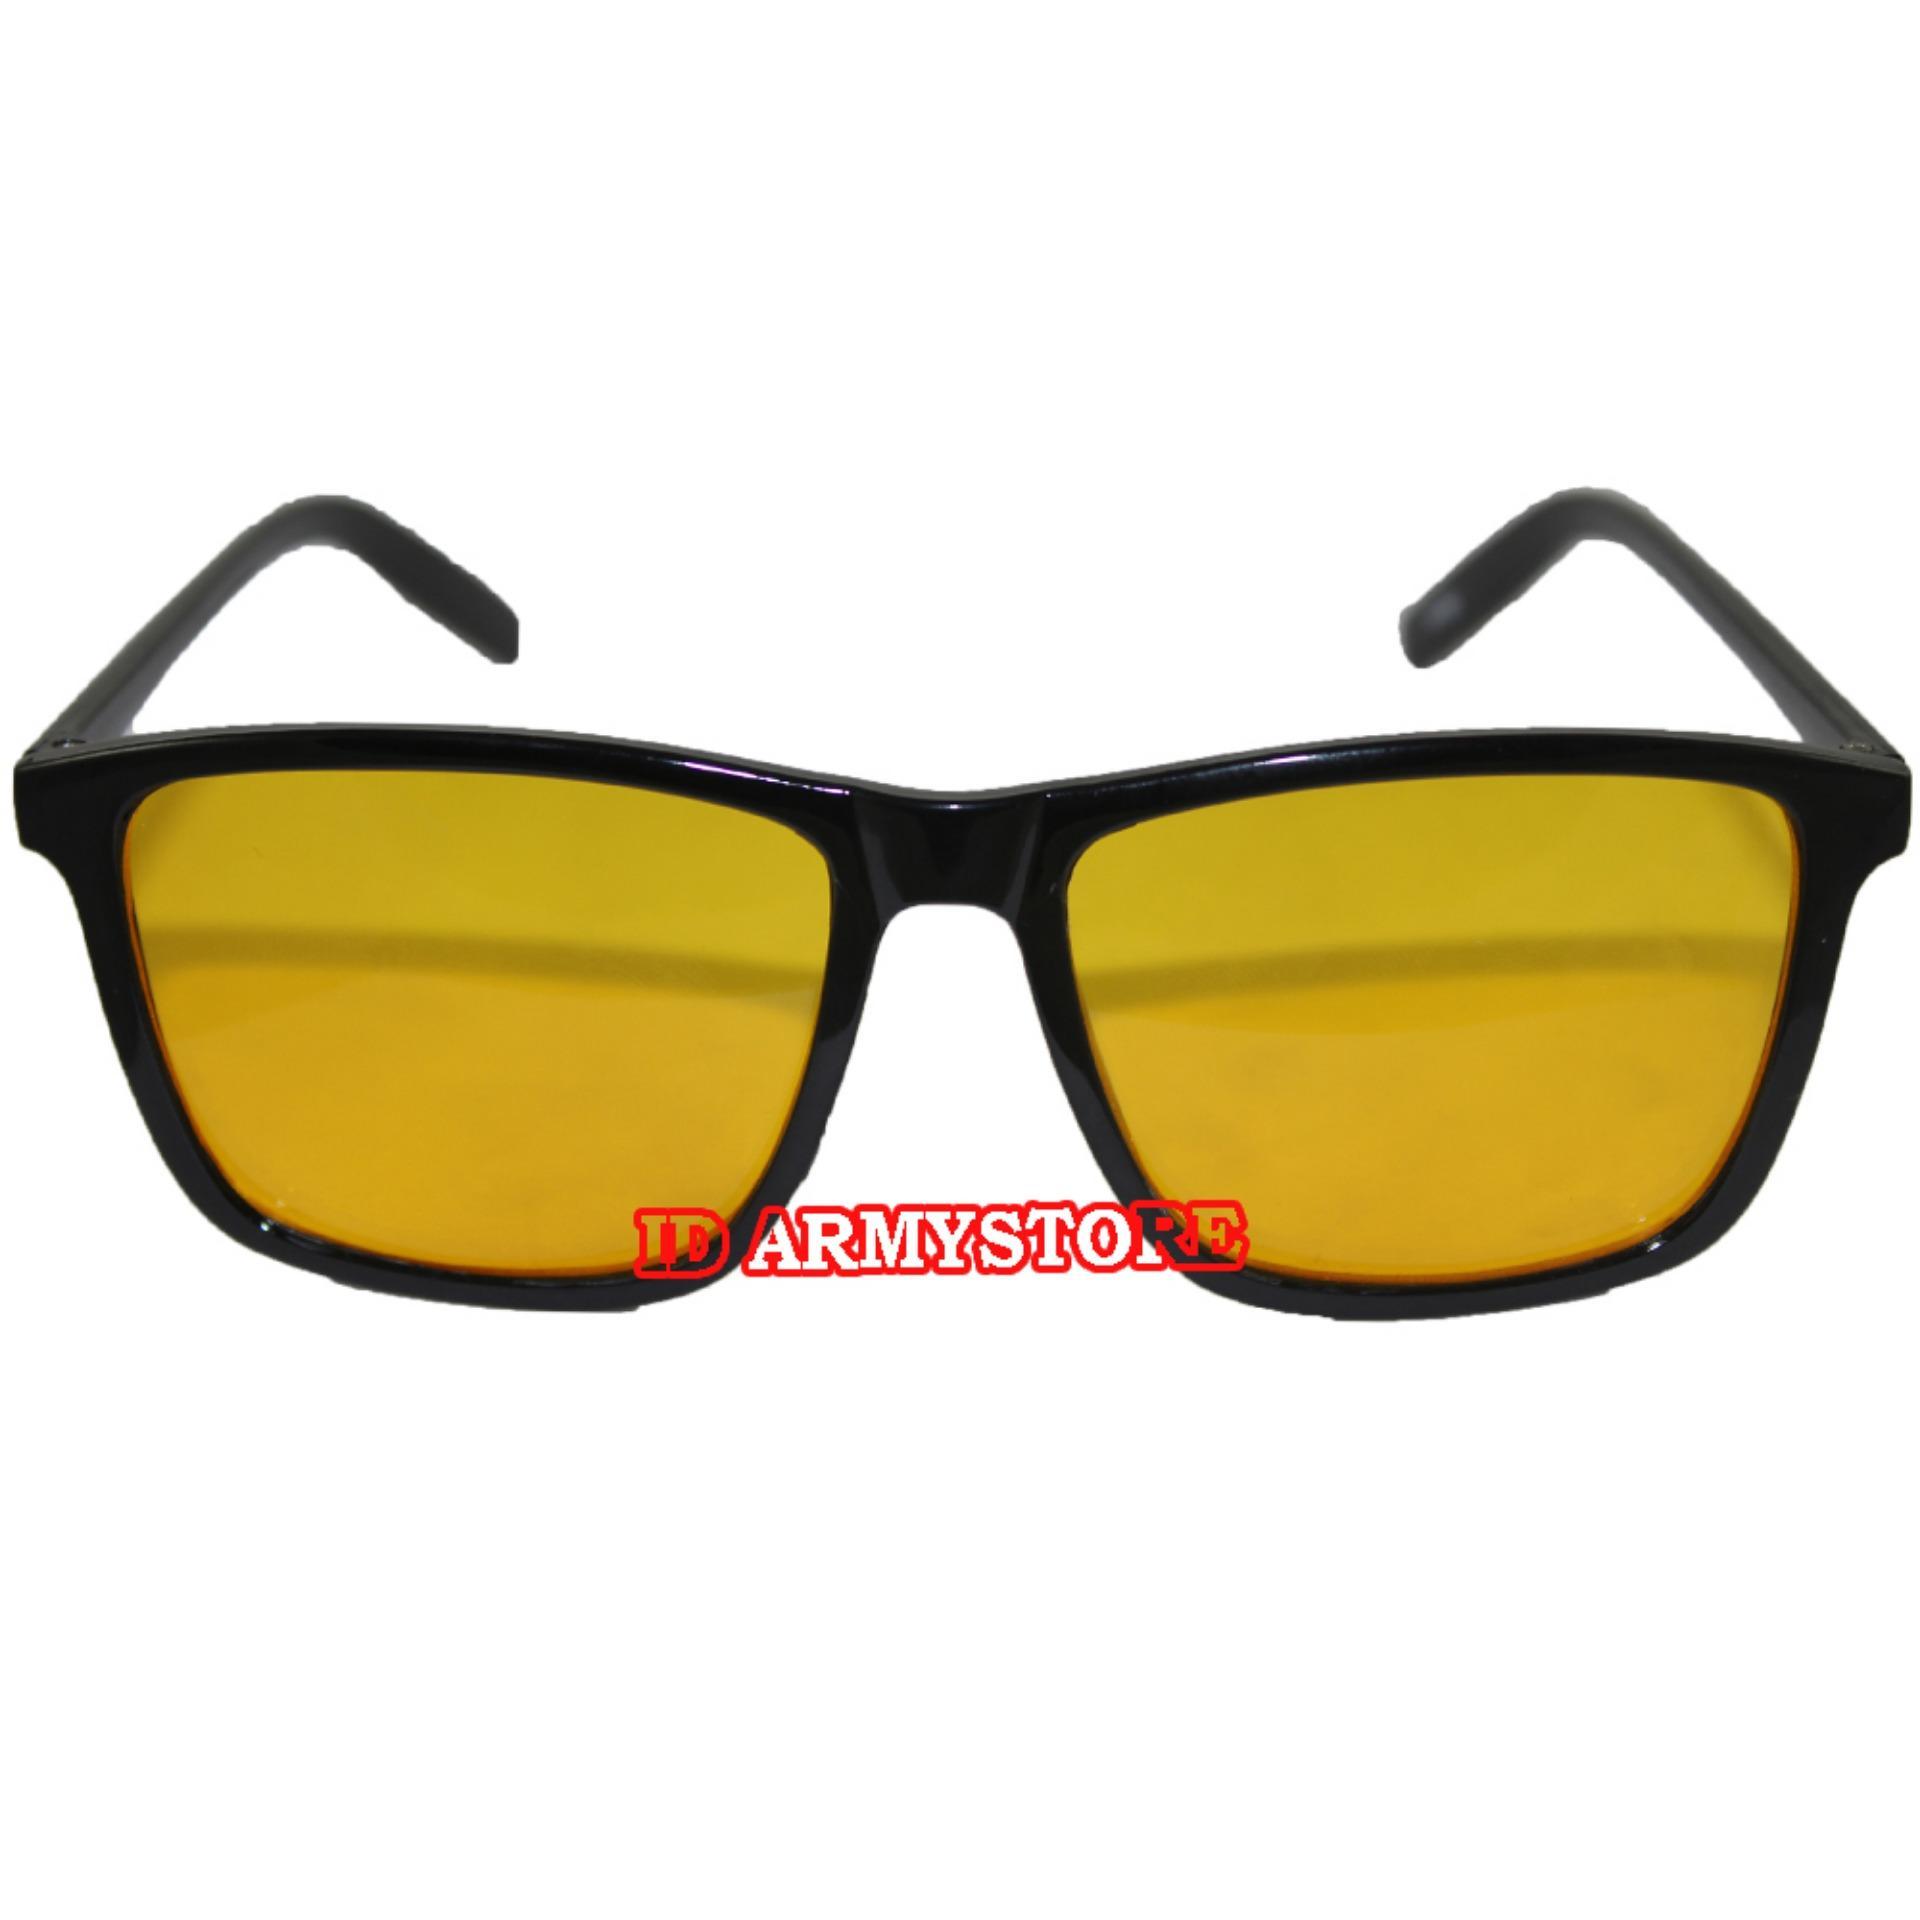 ID Sunglass - Kacamata Wayfar D-Frame Pria Wanita - Frame Coklat - Lensa  Coklat 3eef914cf1